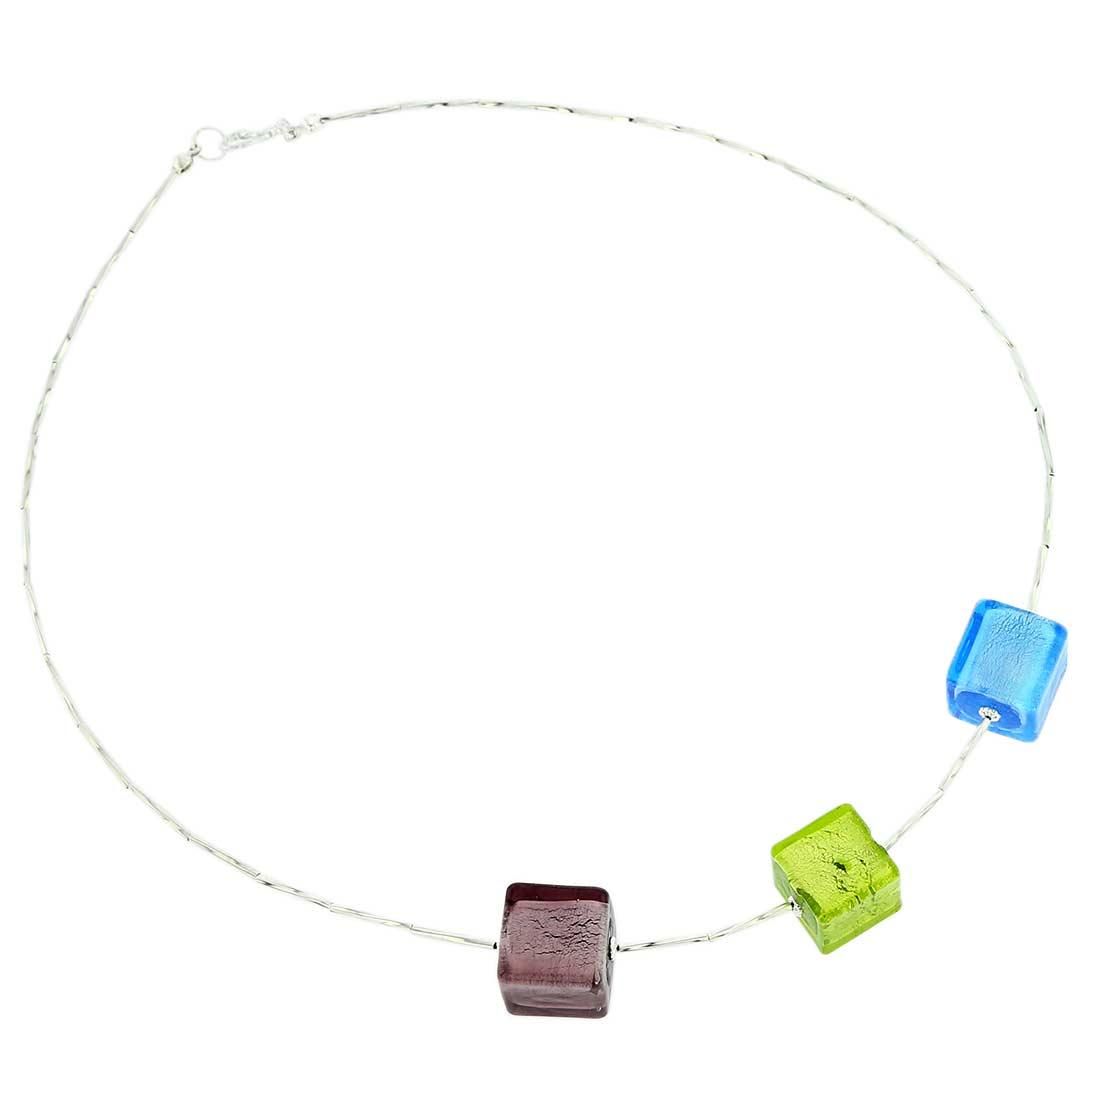 ベネチアングラス(ムラノガラス) ネックレス スリーキューブ シルバーリーフ